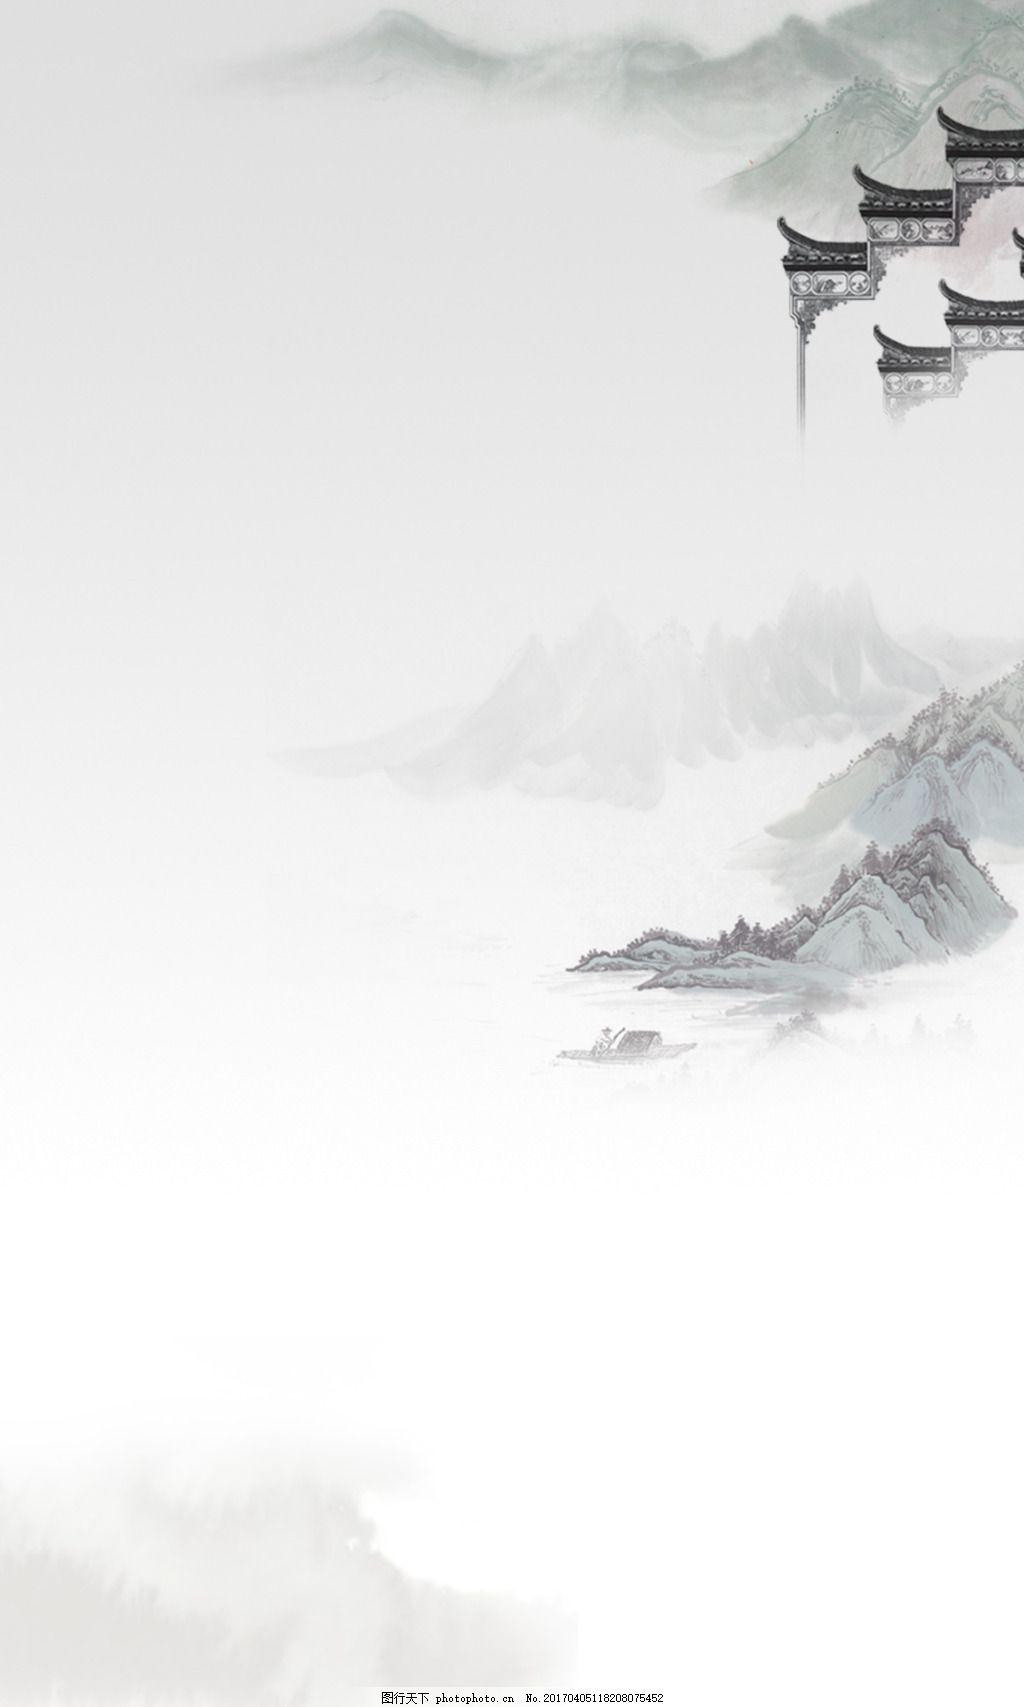 中国风山水水墨画意境展架海报背景 电商 古典 展板 唯美 房子